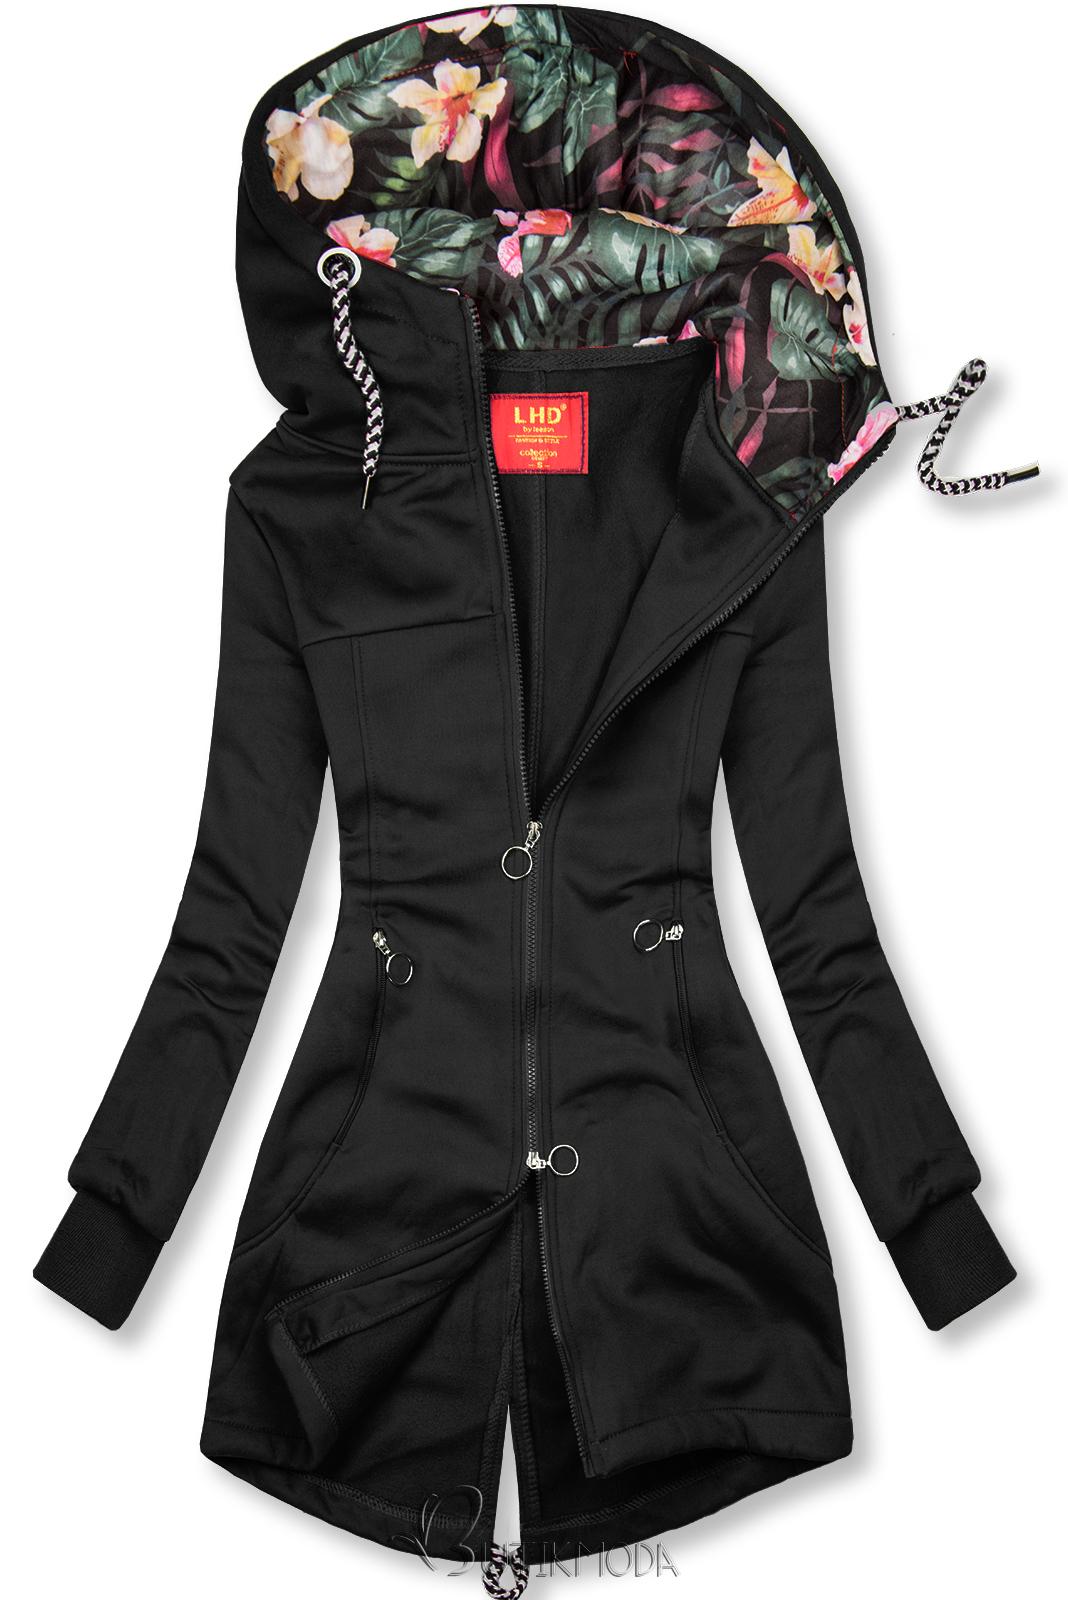 Sweatshirtjacke mit Stehkragen schwarz